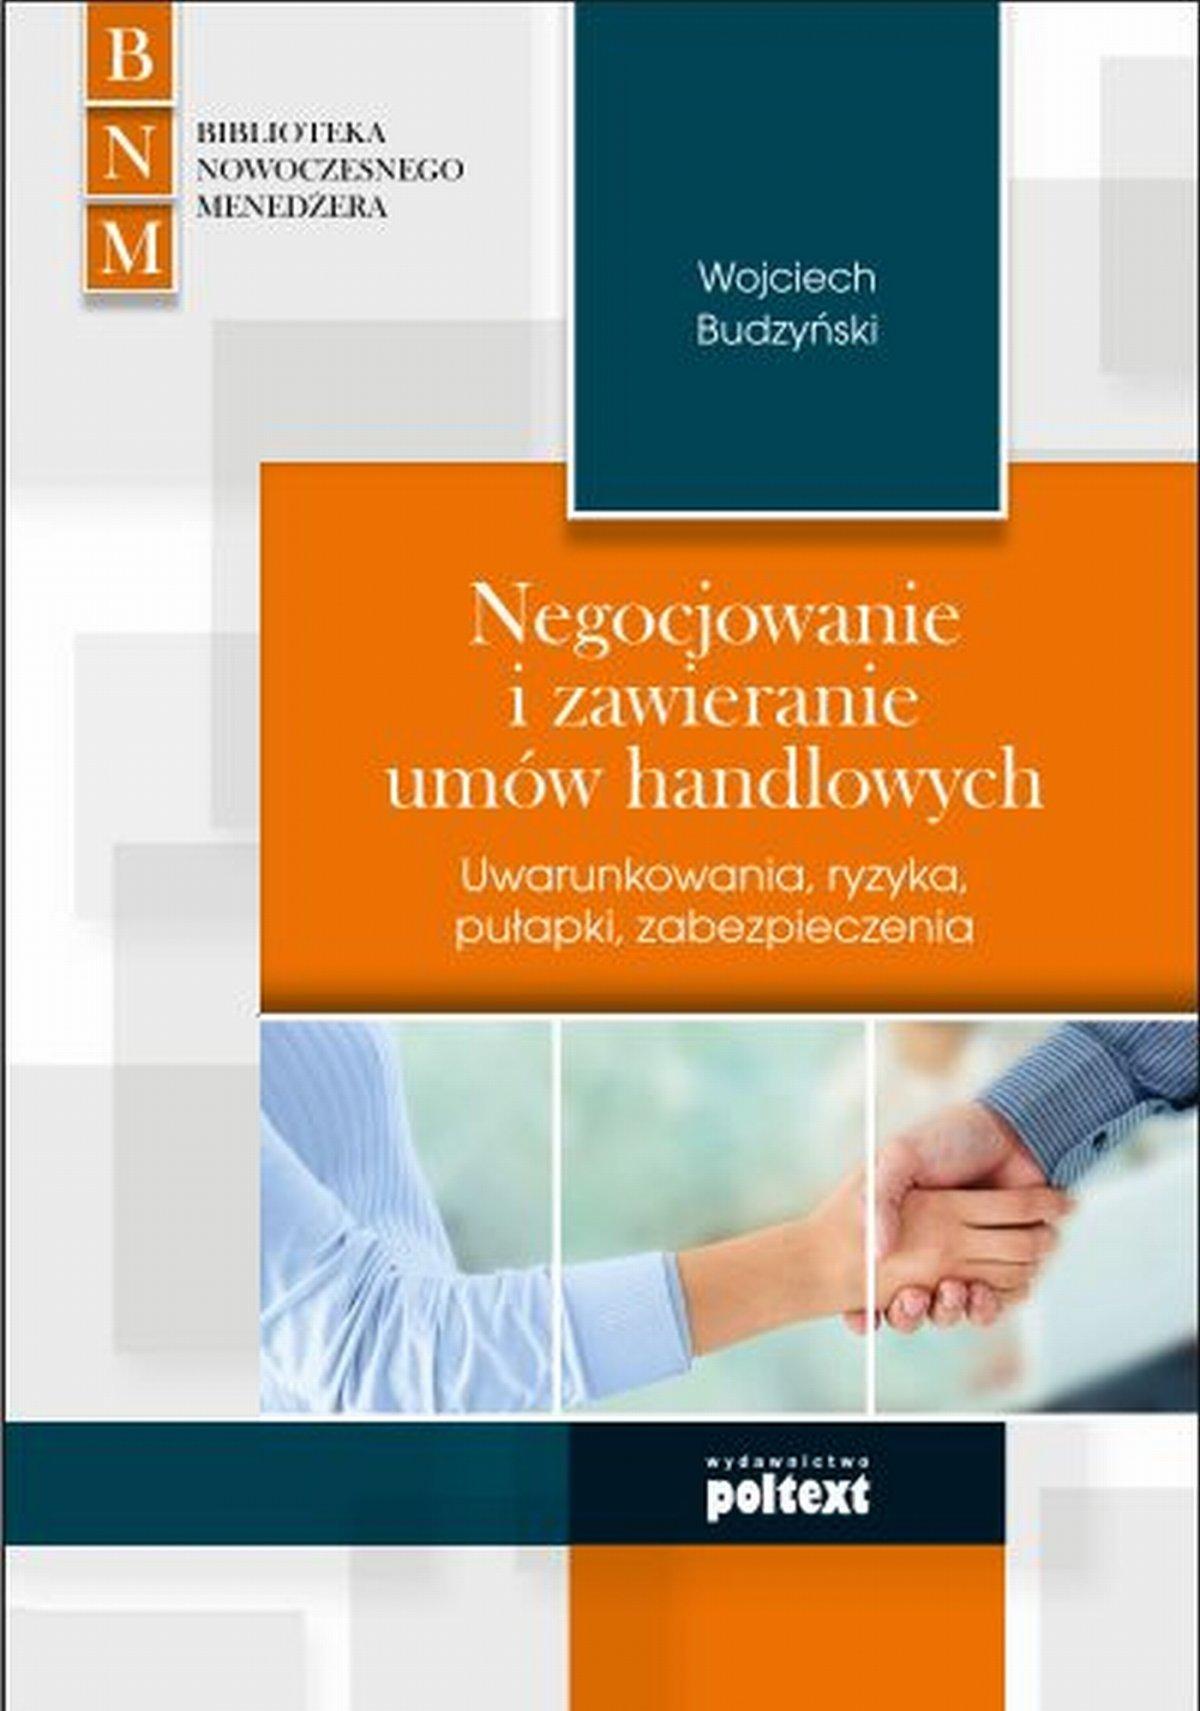 Negocjowanie i zawieranie umów handlowych - Ebook (Książka na Kindle) do pobrania w formacie MOBI